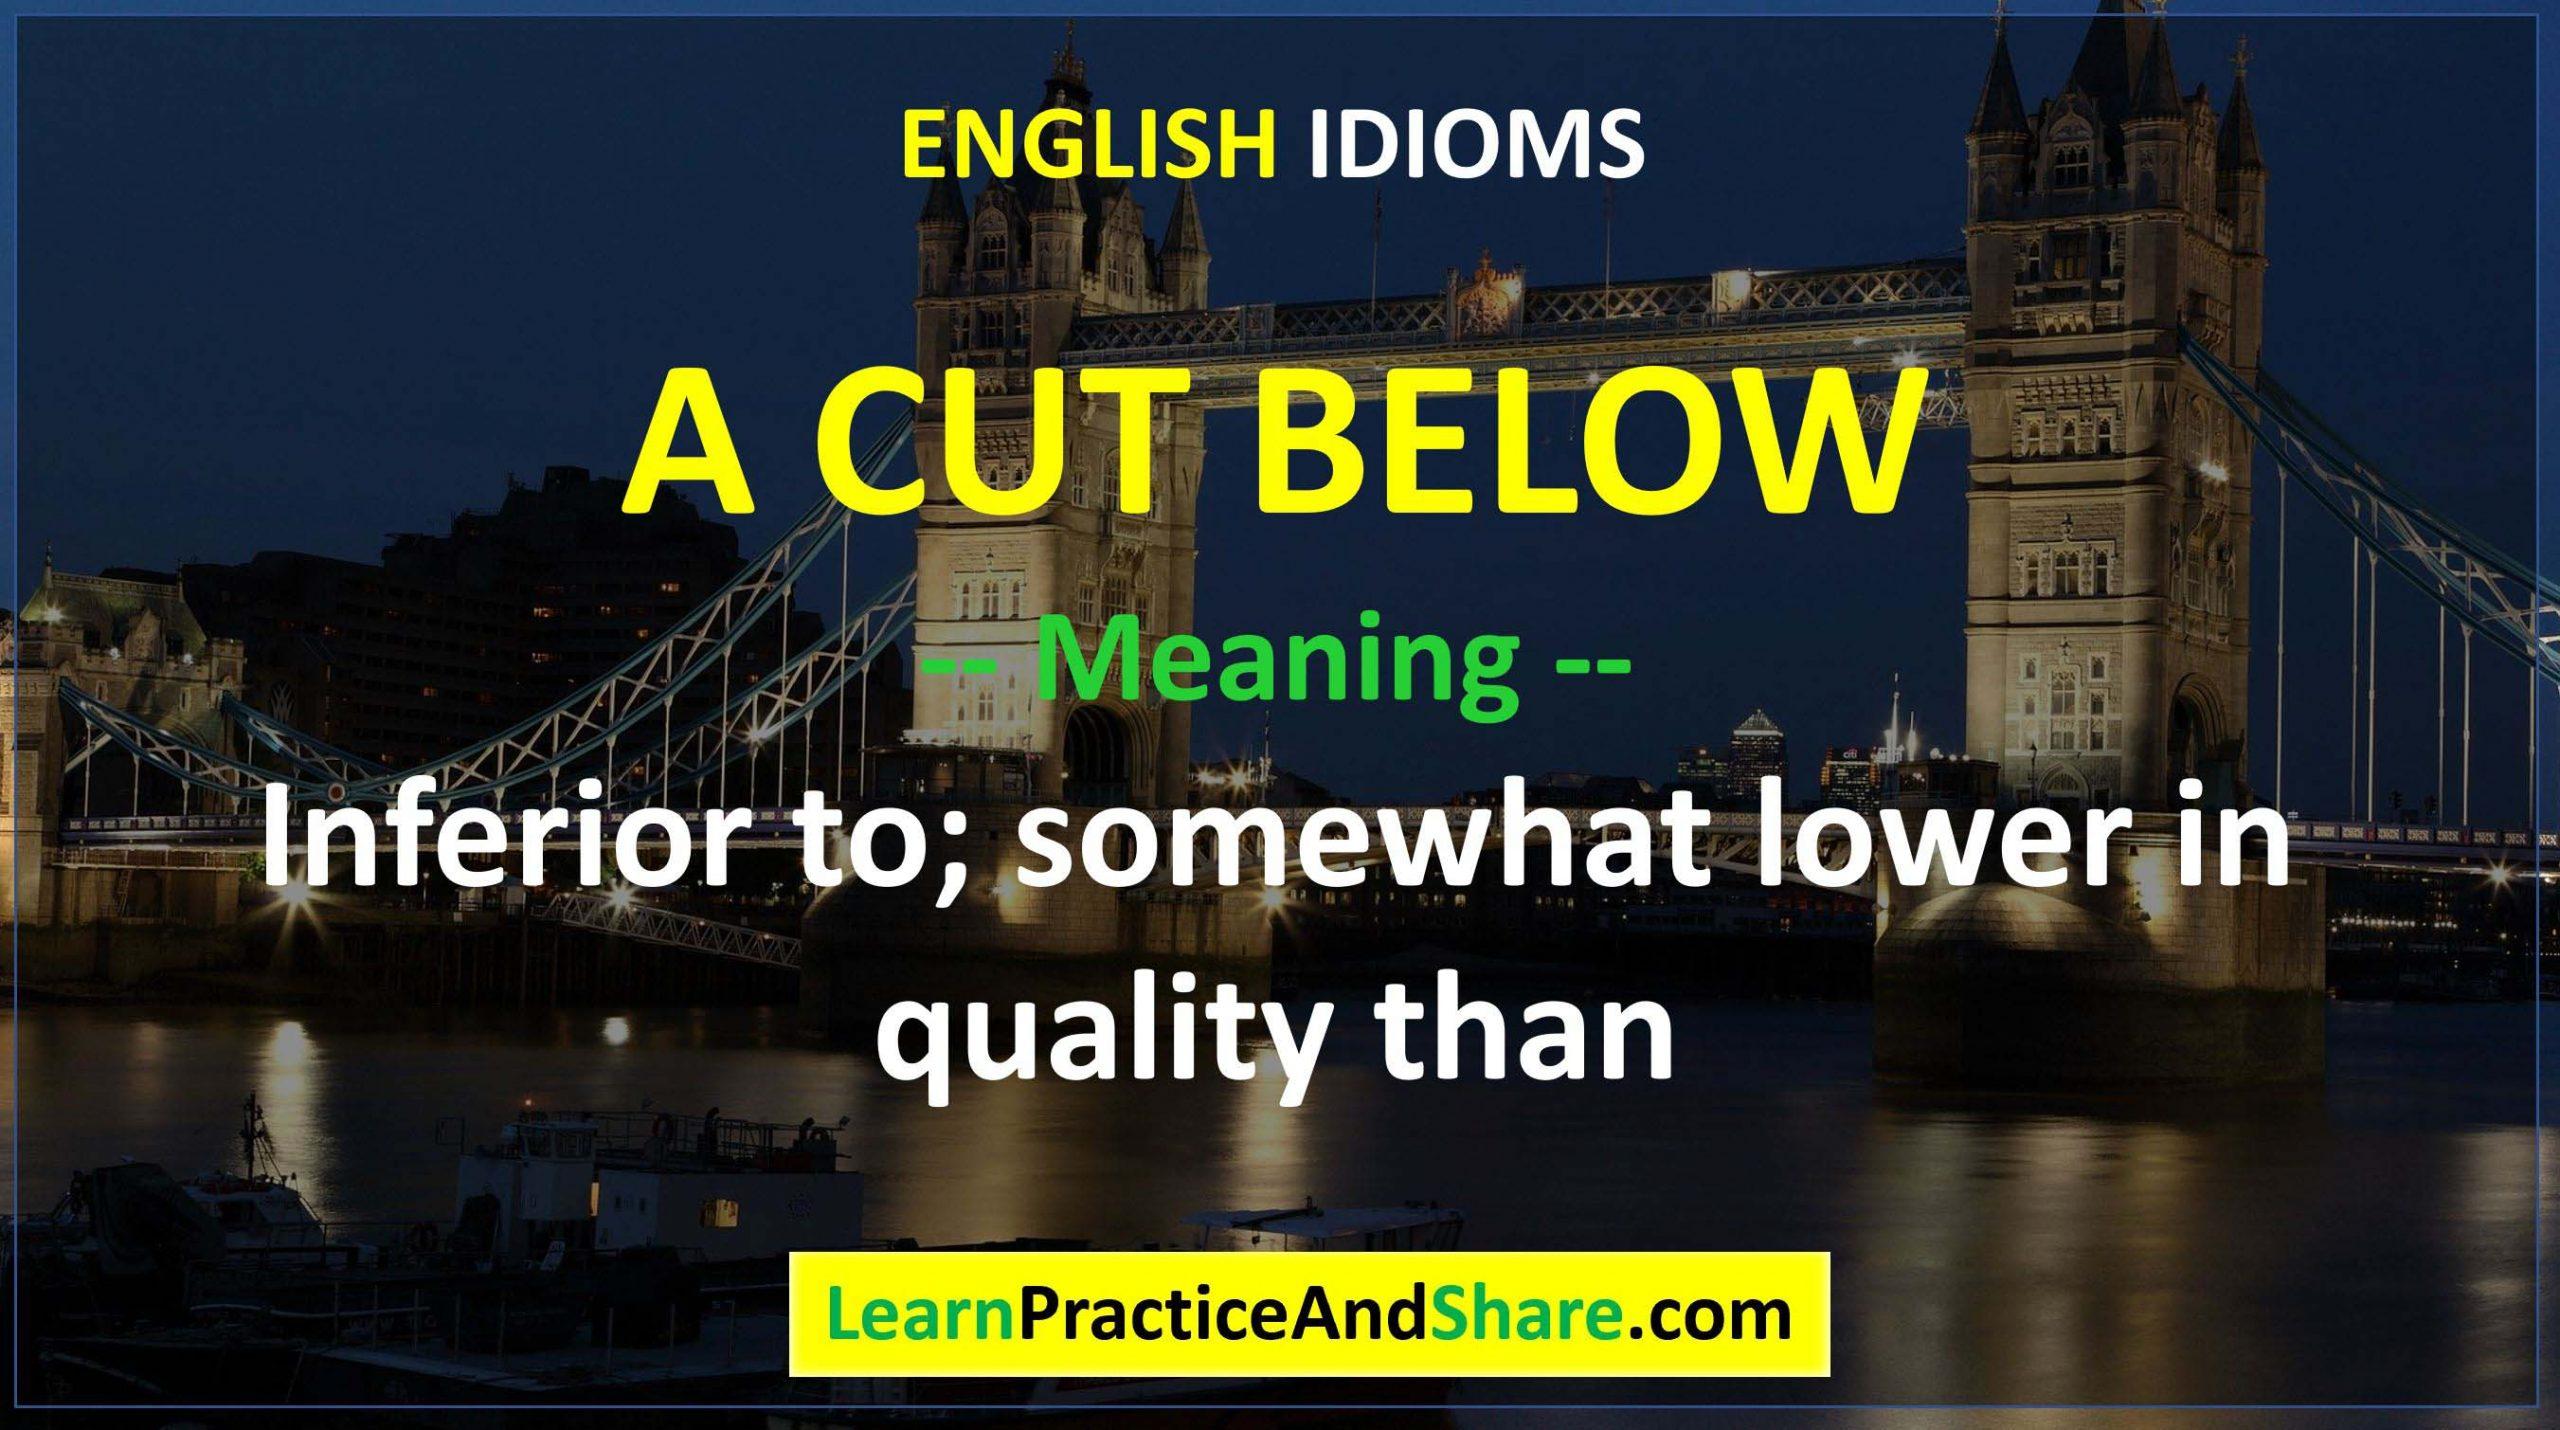 English Idiom - A Cut Below